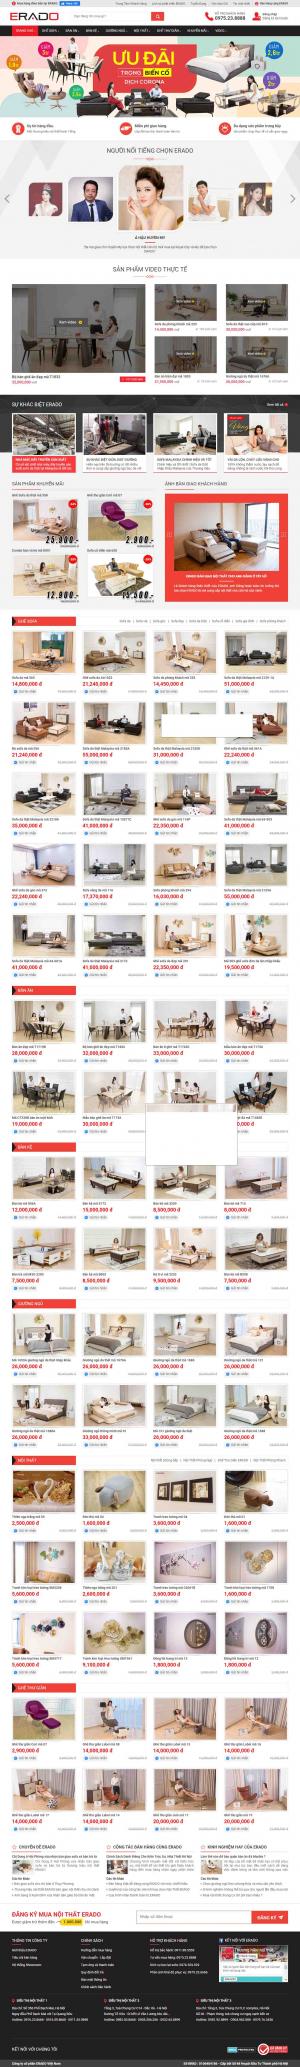 Mẫu giao diện thiết kế website bán hàng nội thất